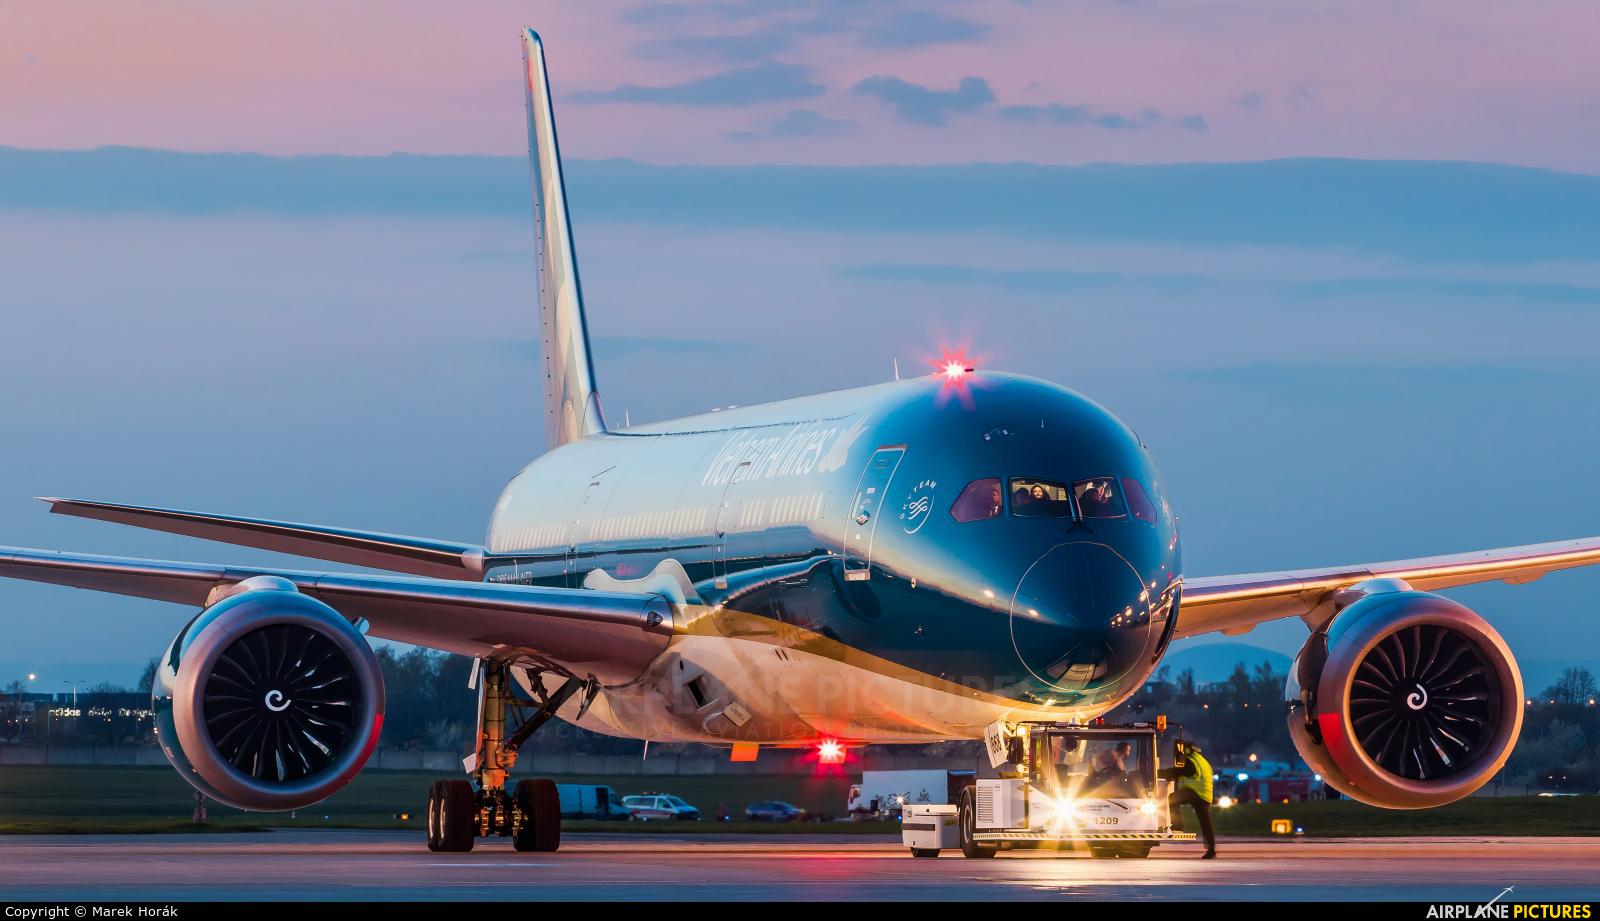 Vietnam Airlines VN-A868 aircraft at Prague - Václav Havel